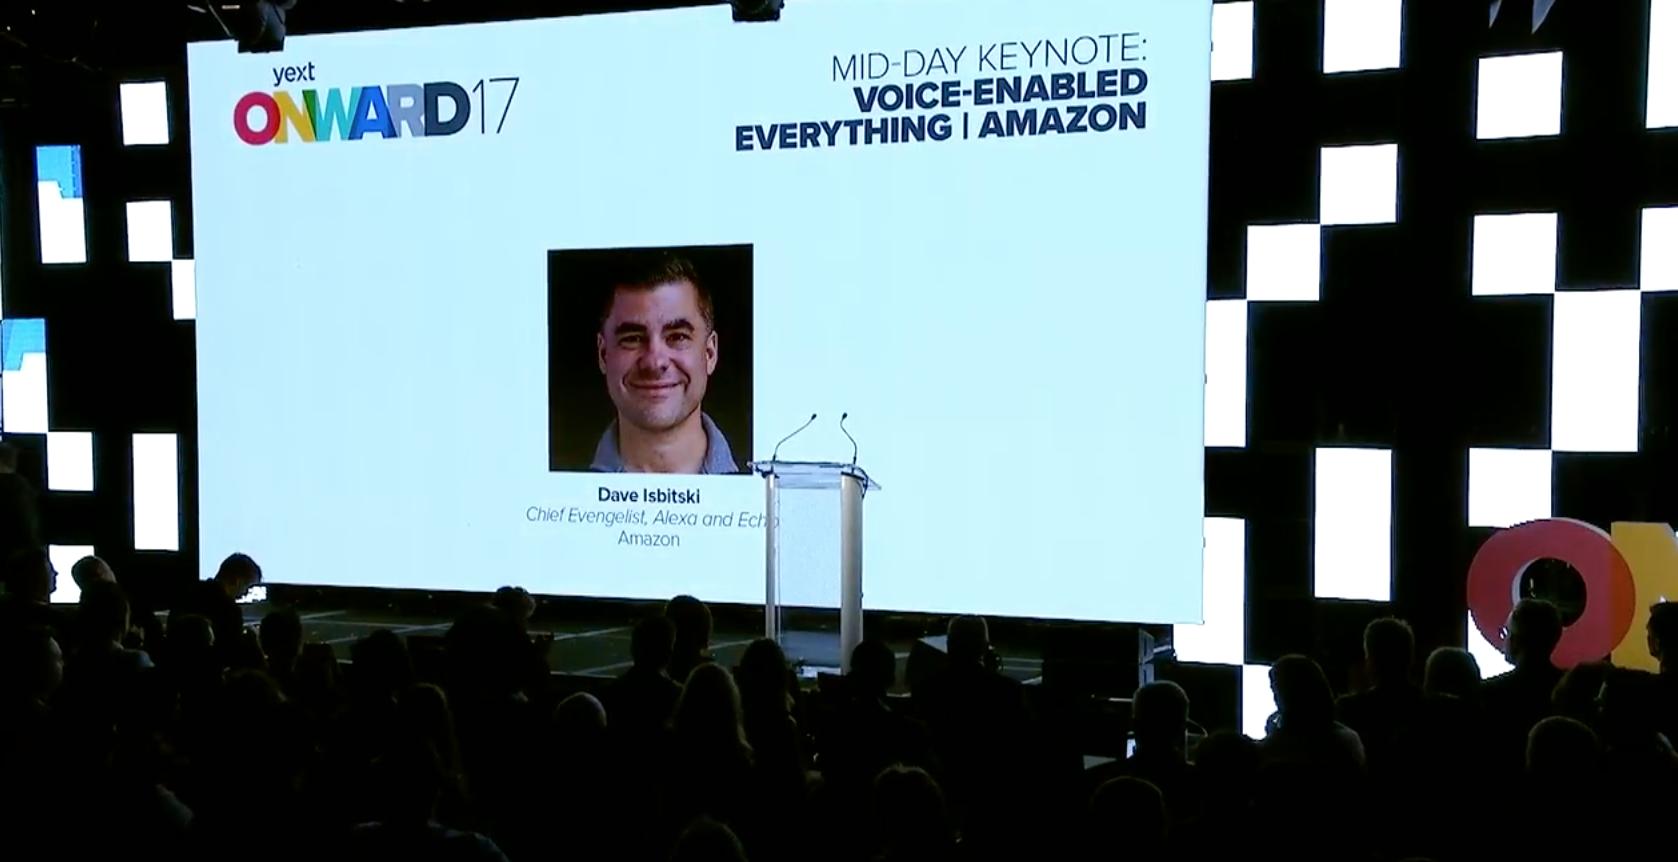 Voice-Enabled Presentation - David Isbitski